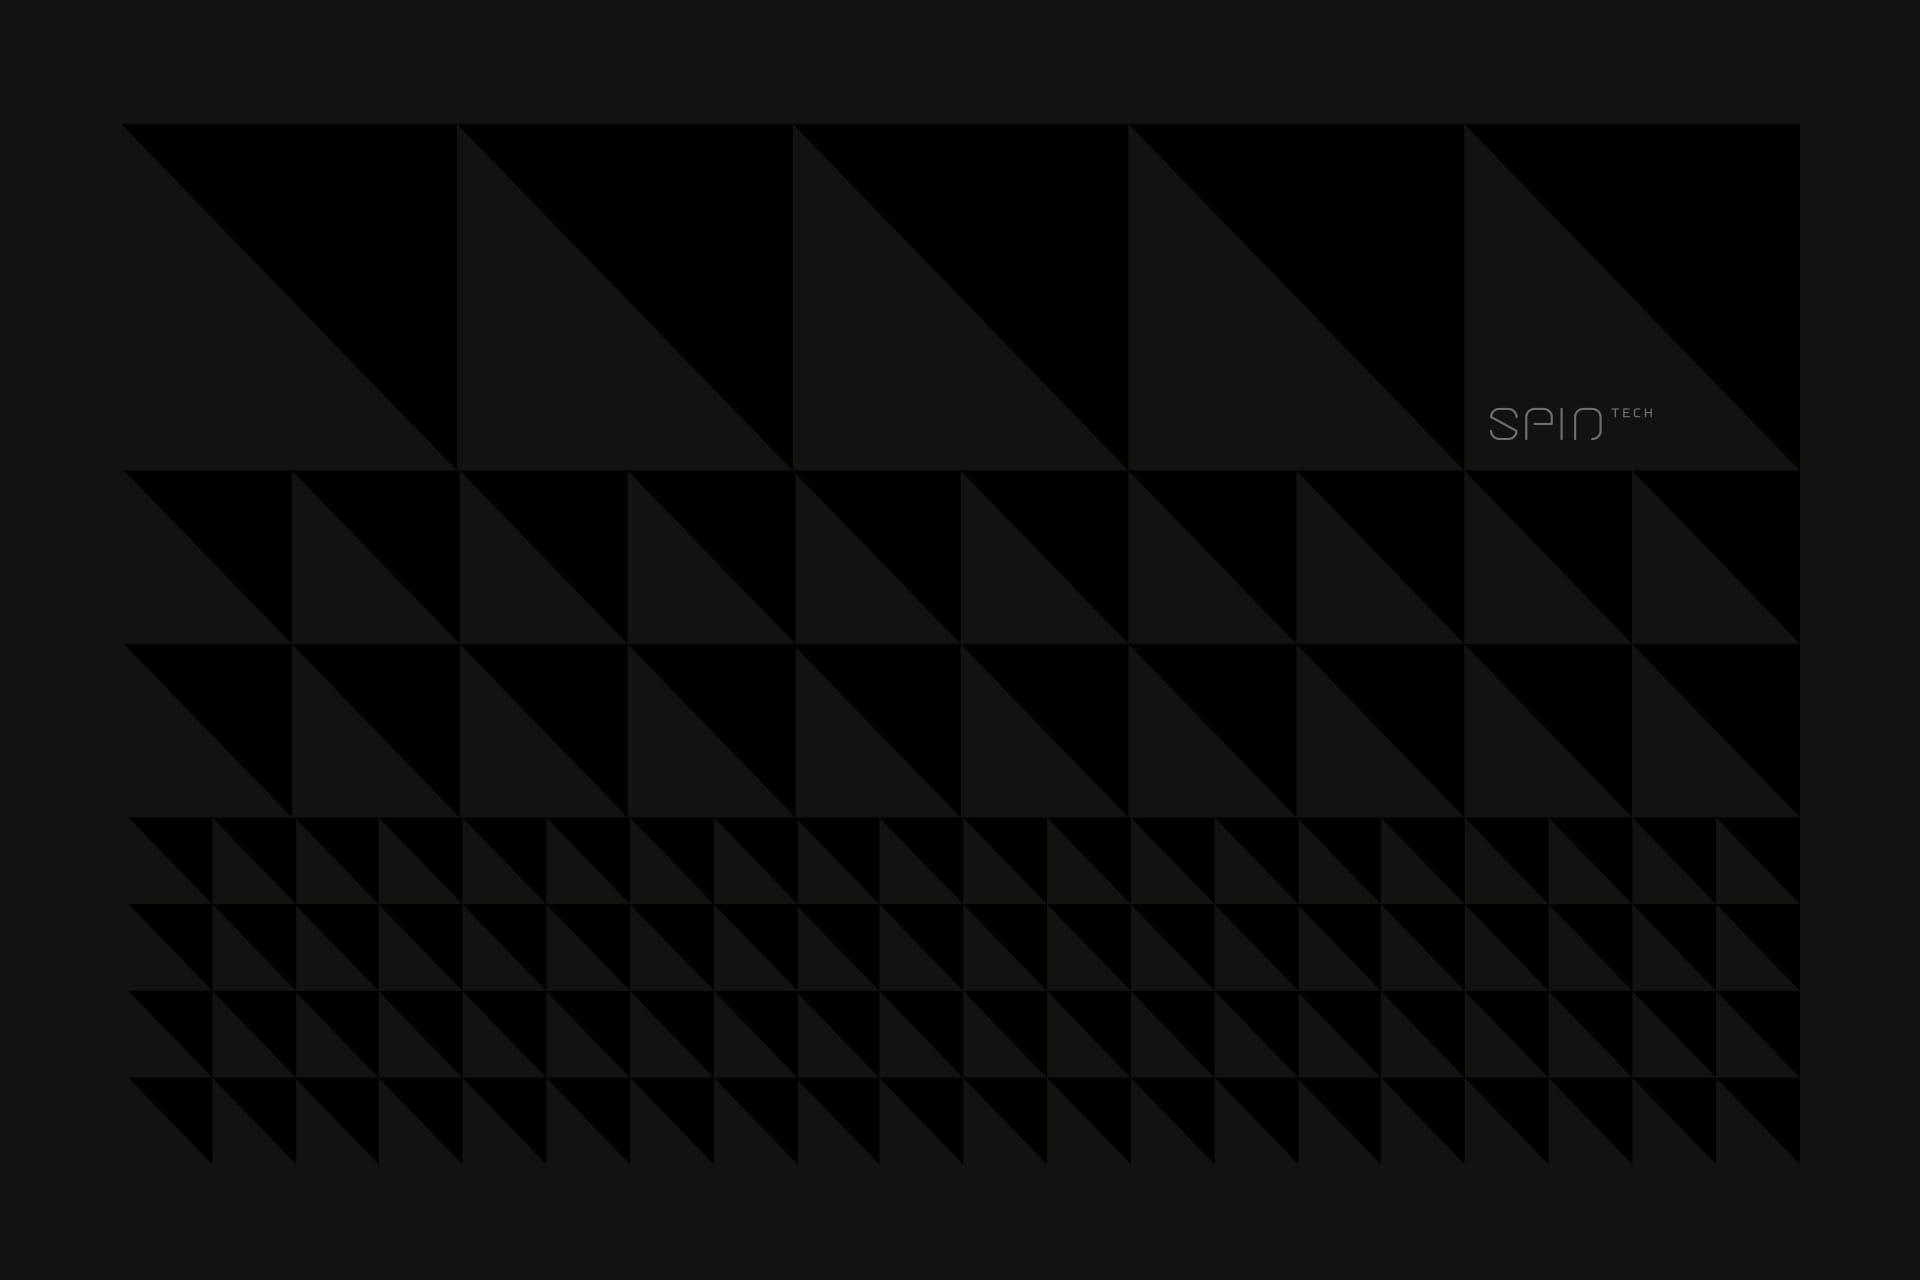 SpinTech_Identity_mnecander-03